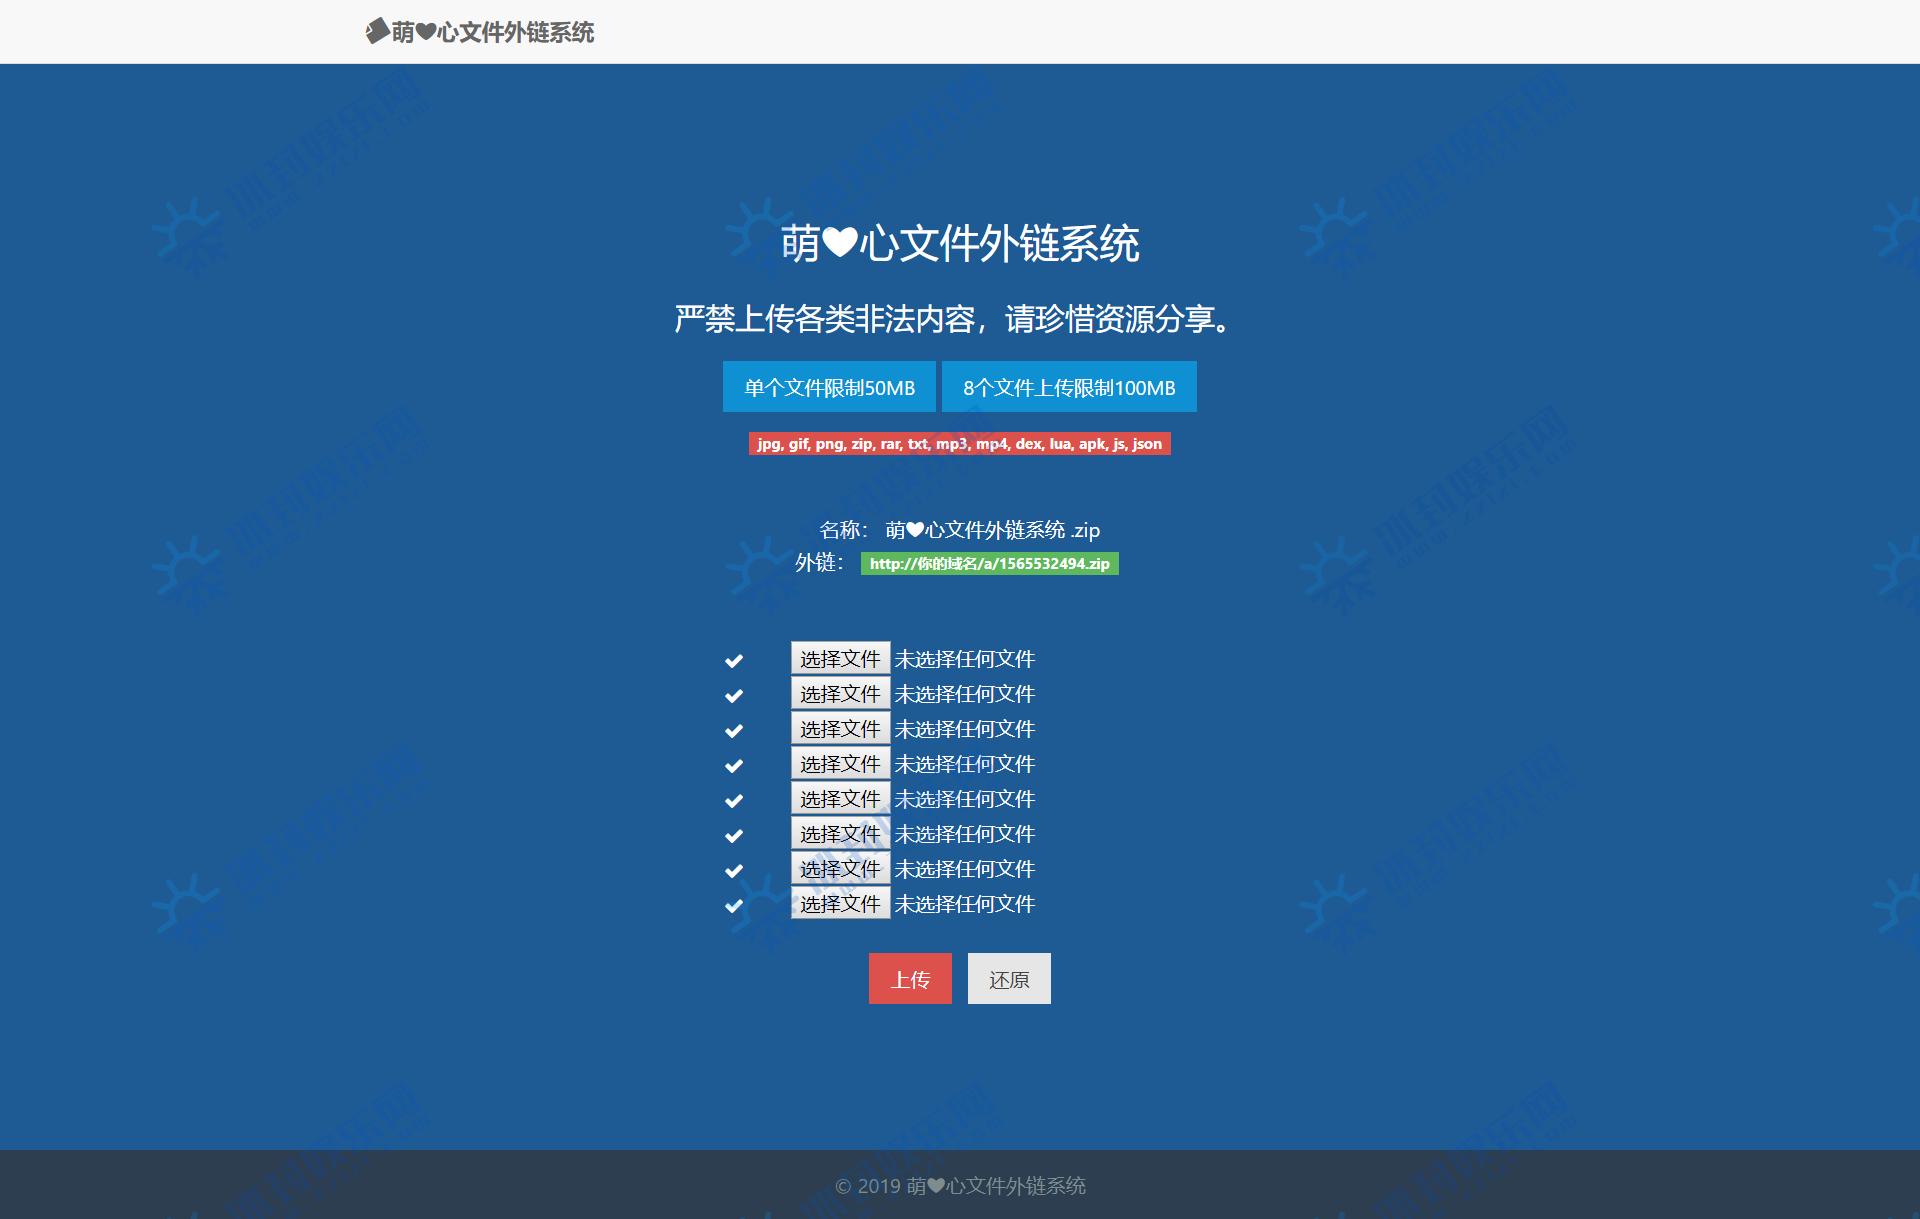 【网站源码】萌心文件外链系统 直链网盘源码